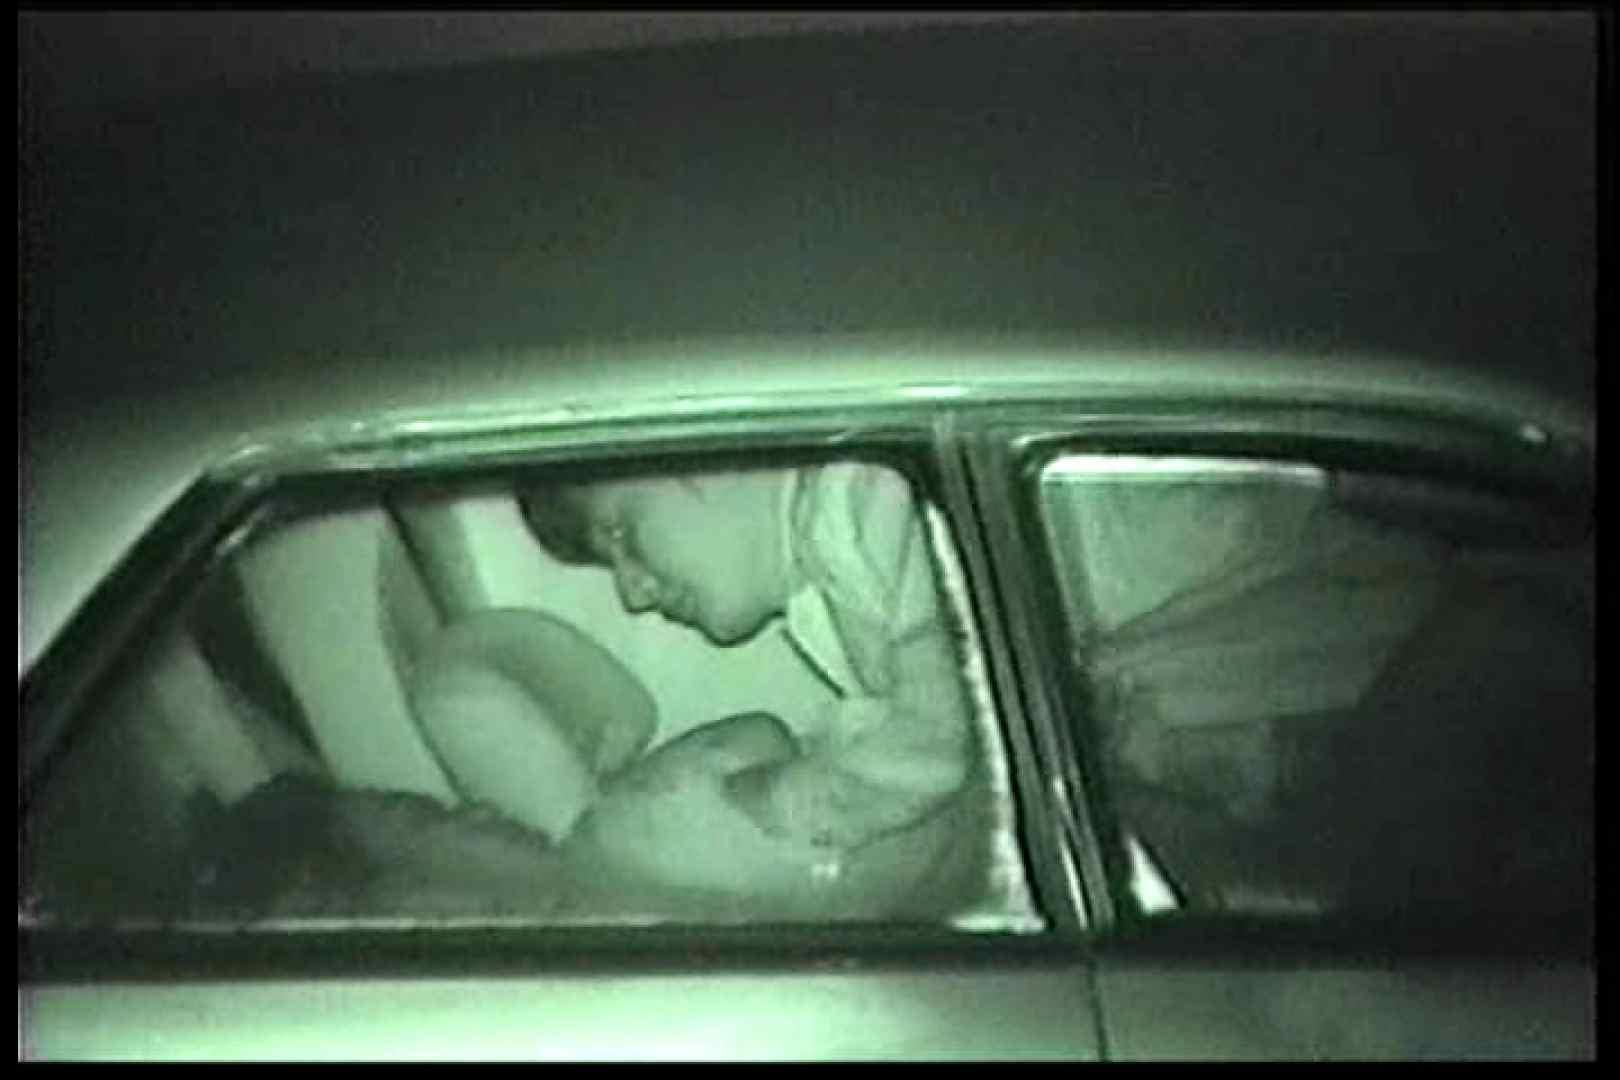 車の中はラブホテル 無修正版  Vol.11 カーセックス のぞき動画画像 86画像 85